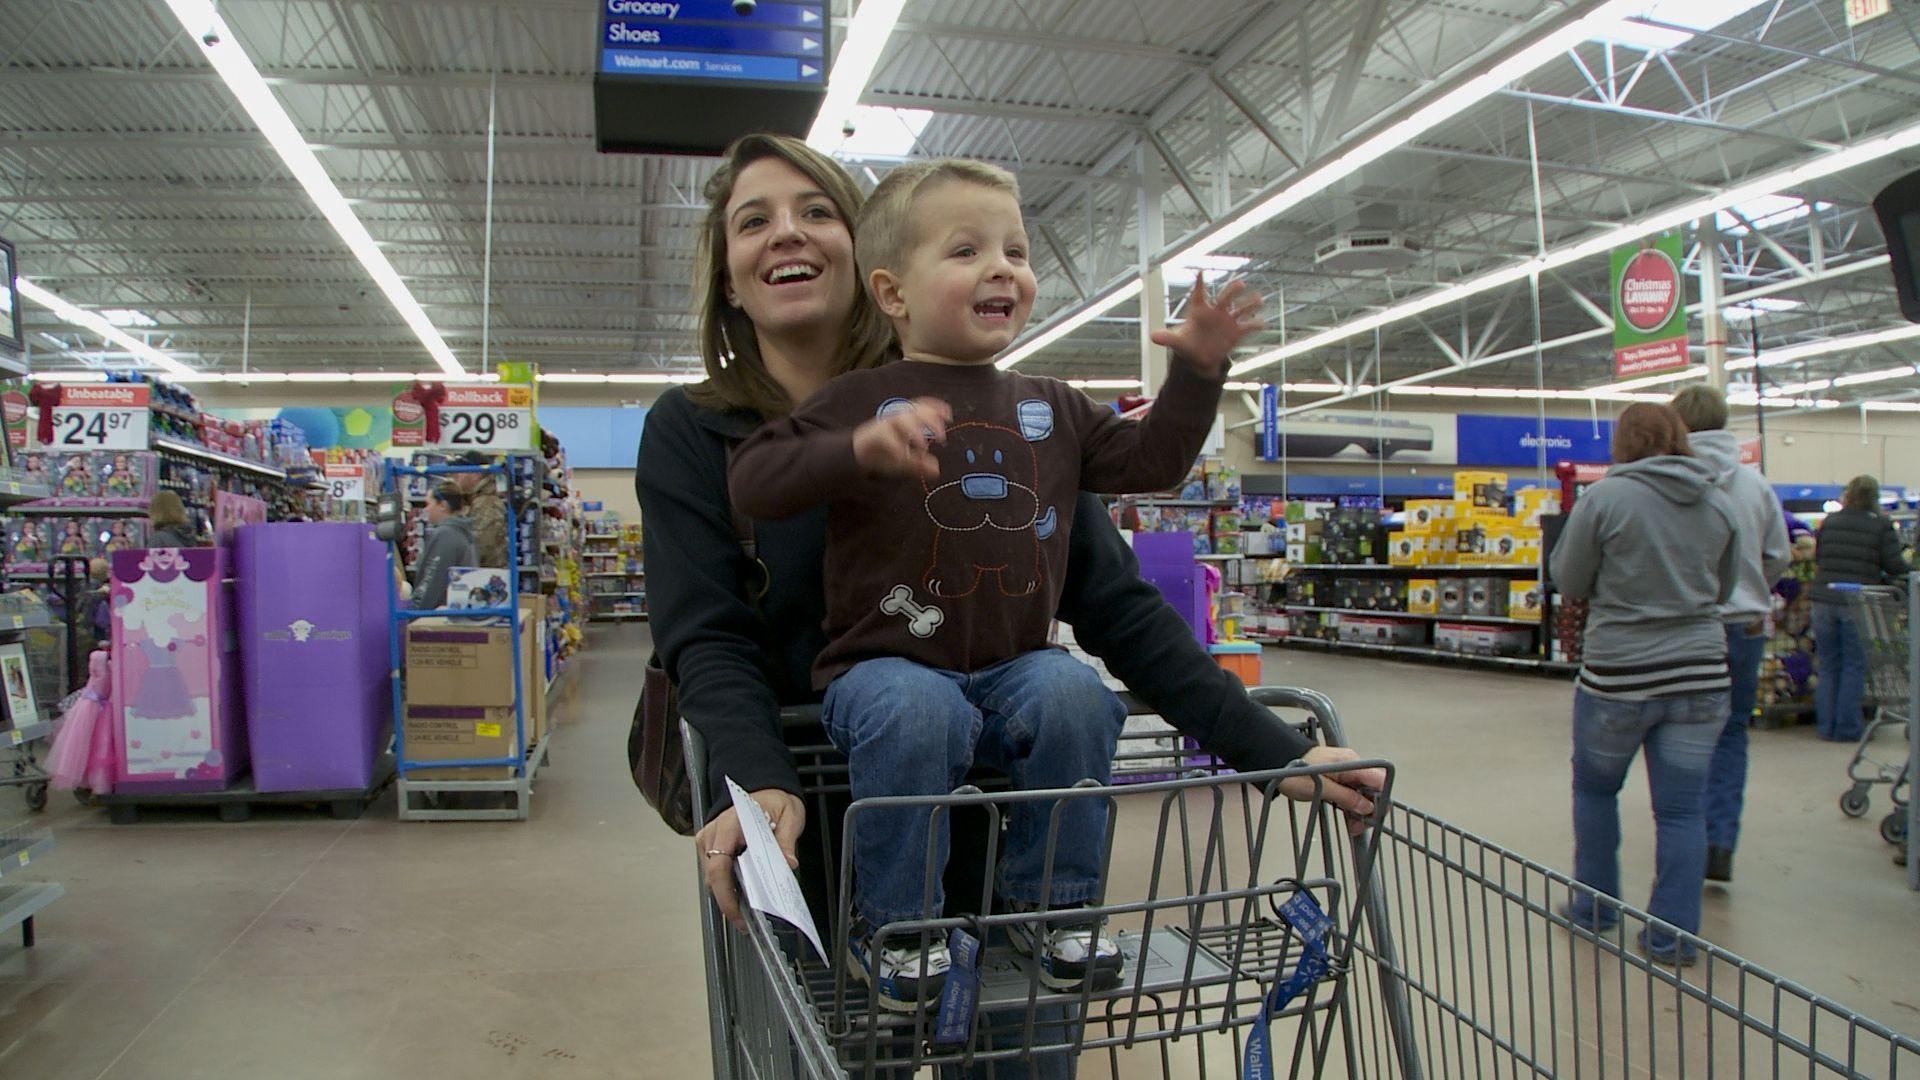 Leanna and bridger shopping box fan shopping home